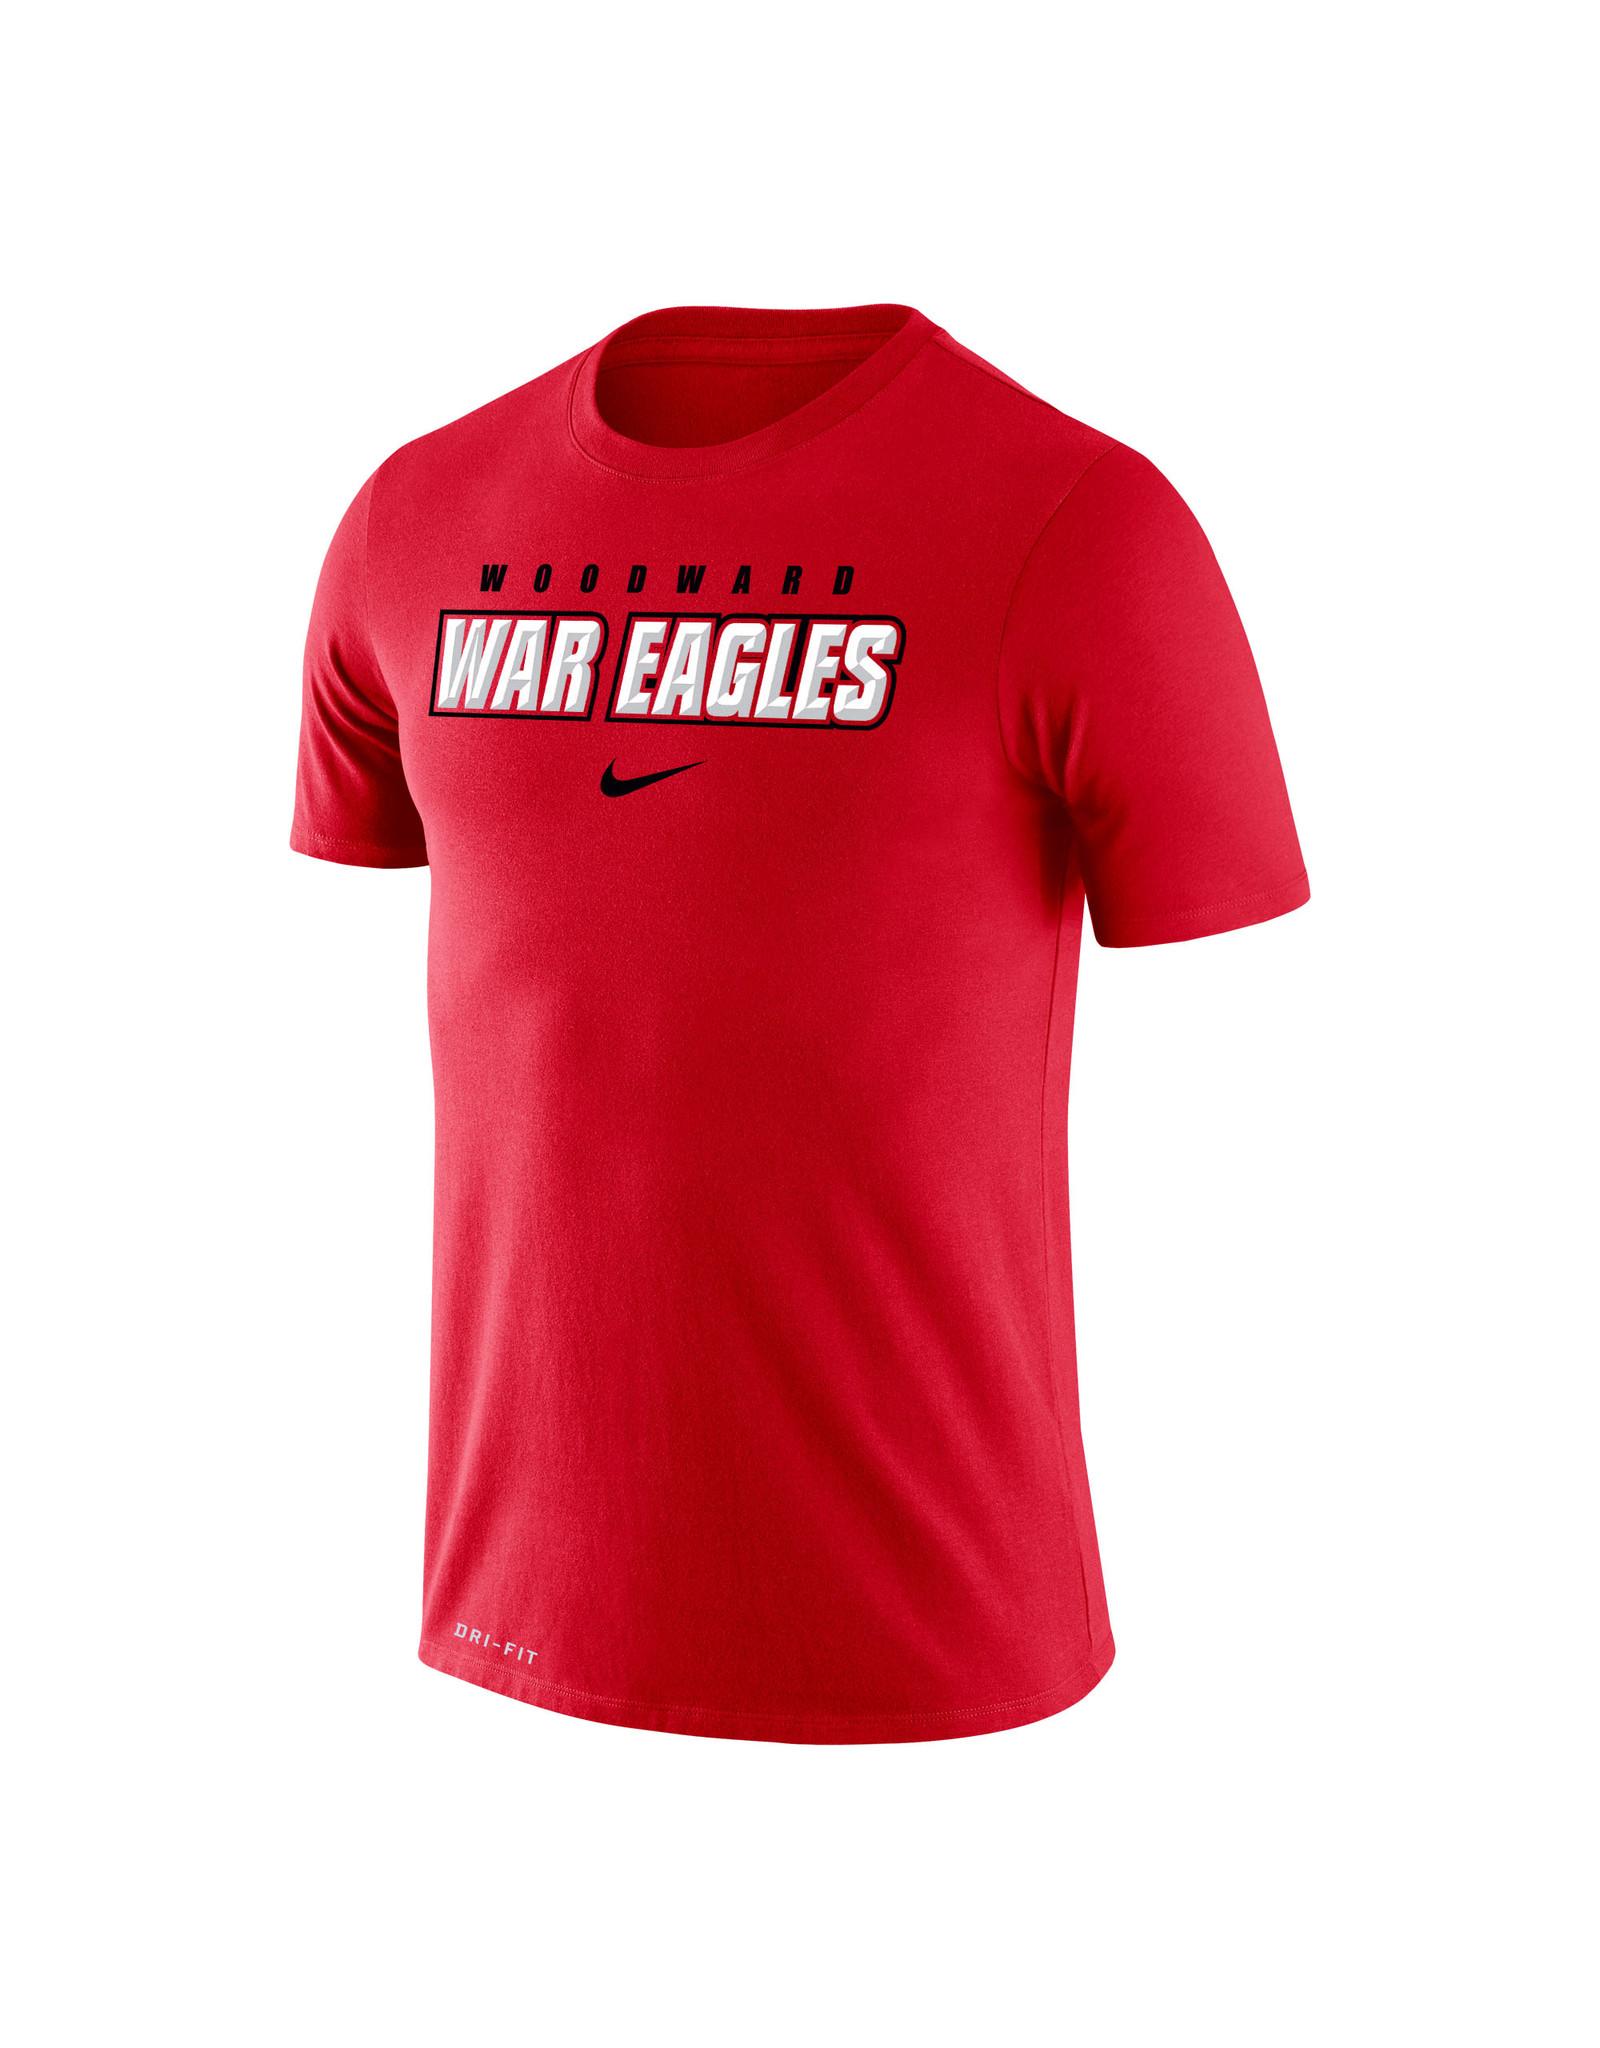 NIKE Legend Dri-Fit SS T Shirt in Red (2XL)